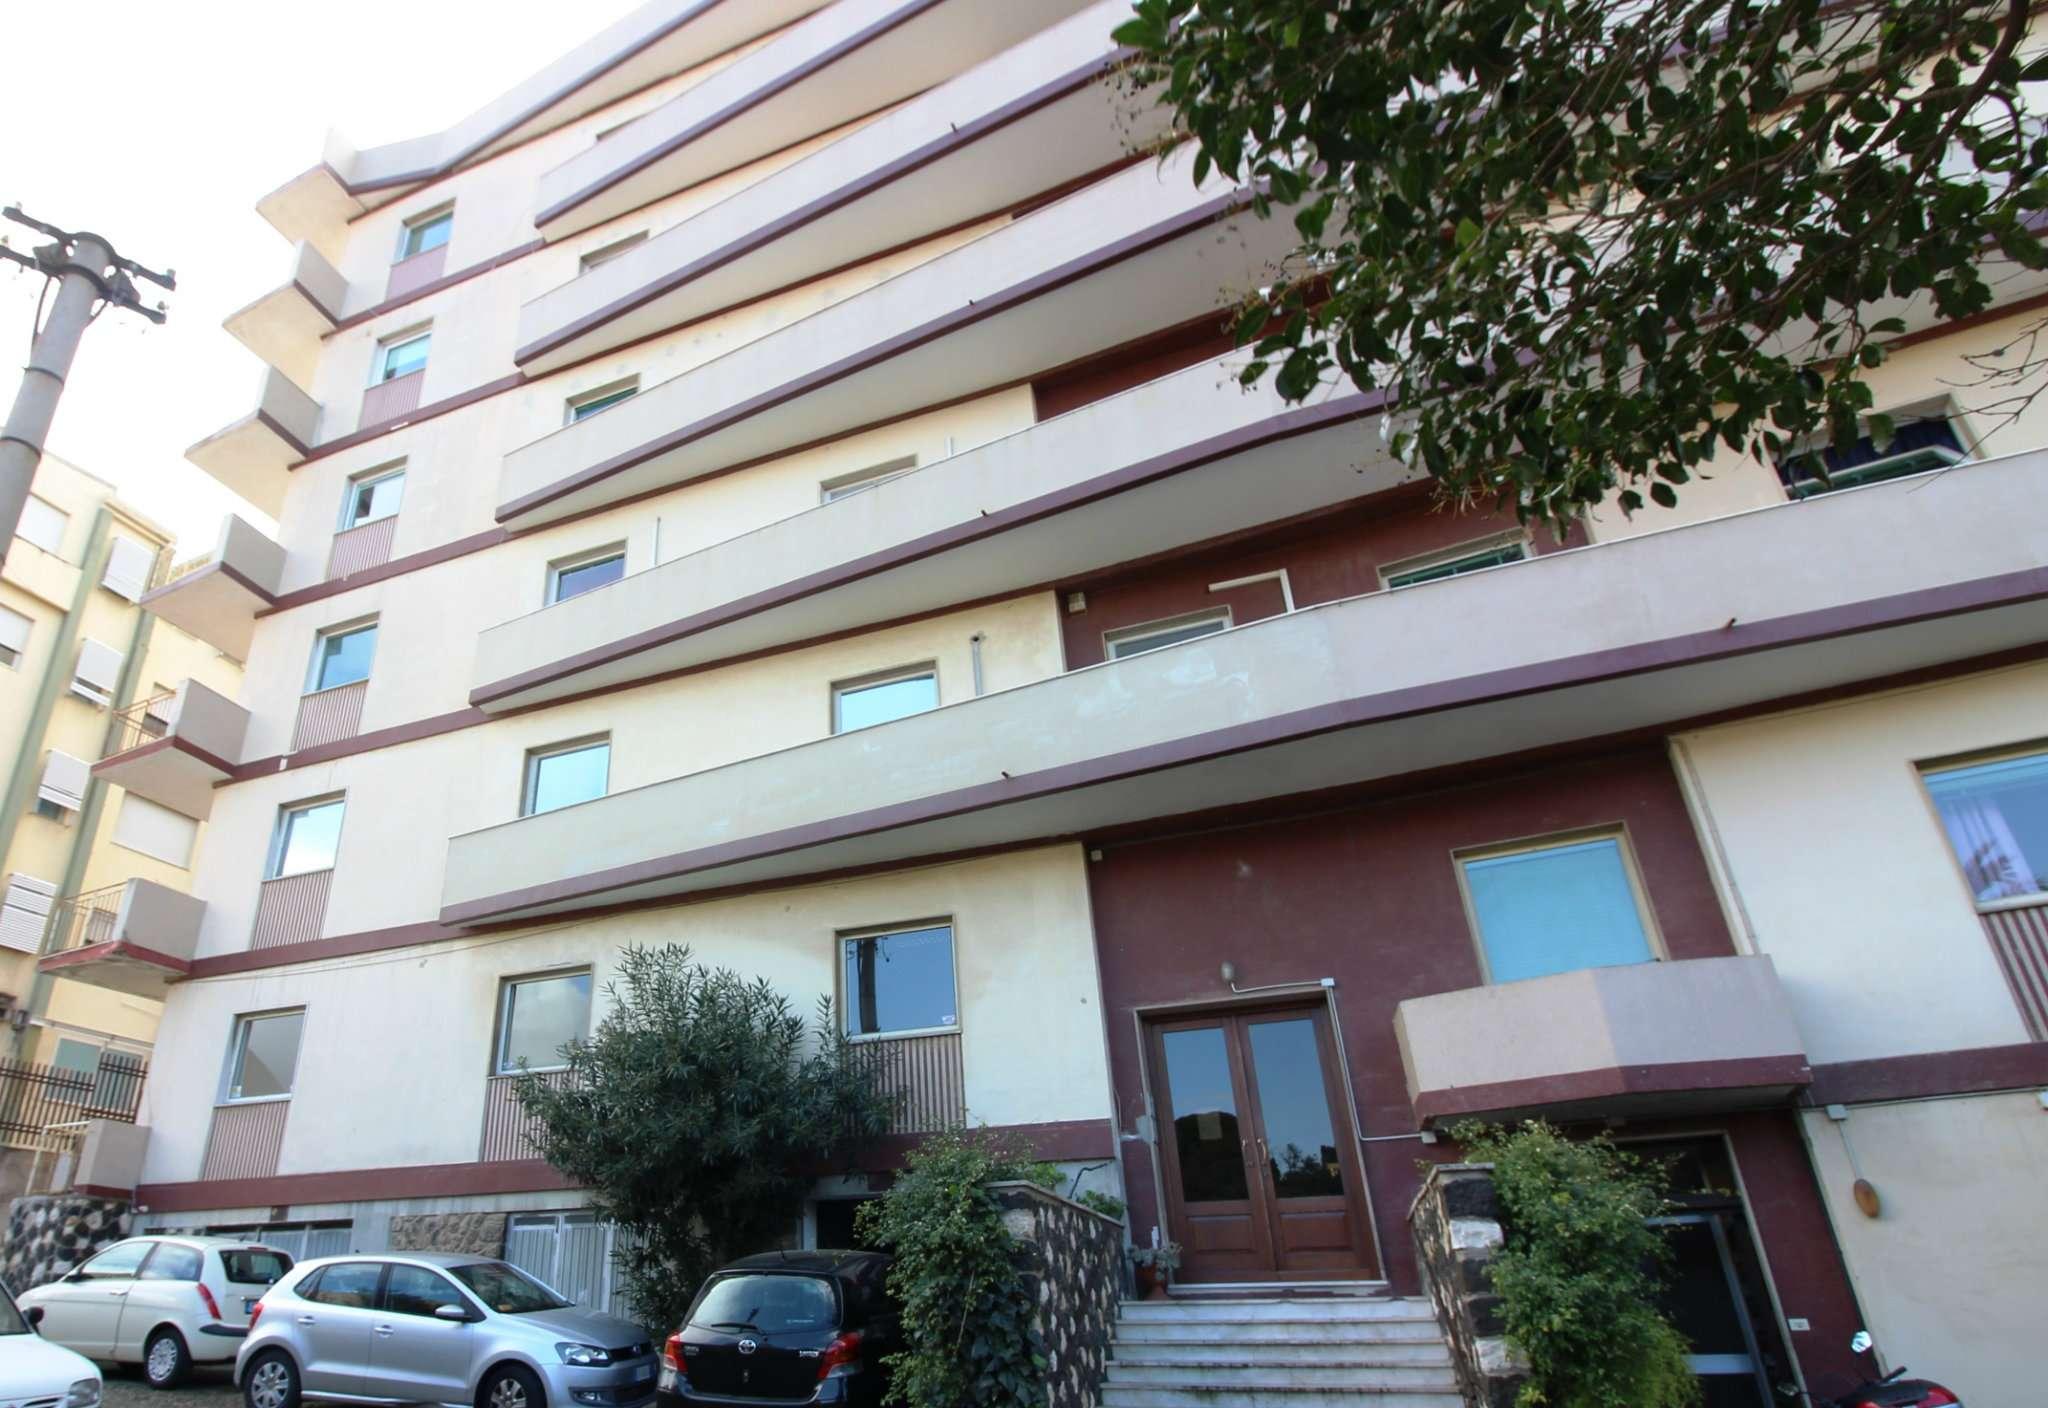 Appartamenti quadrilocali in affitto a cagliari for Appartamenti arredati in affitto cagliari